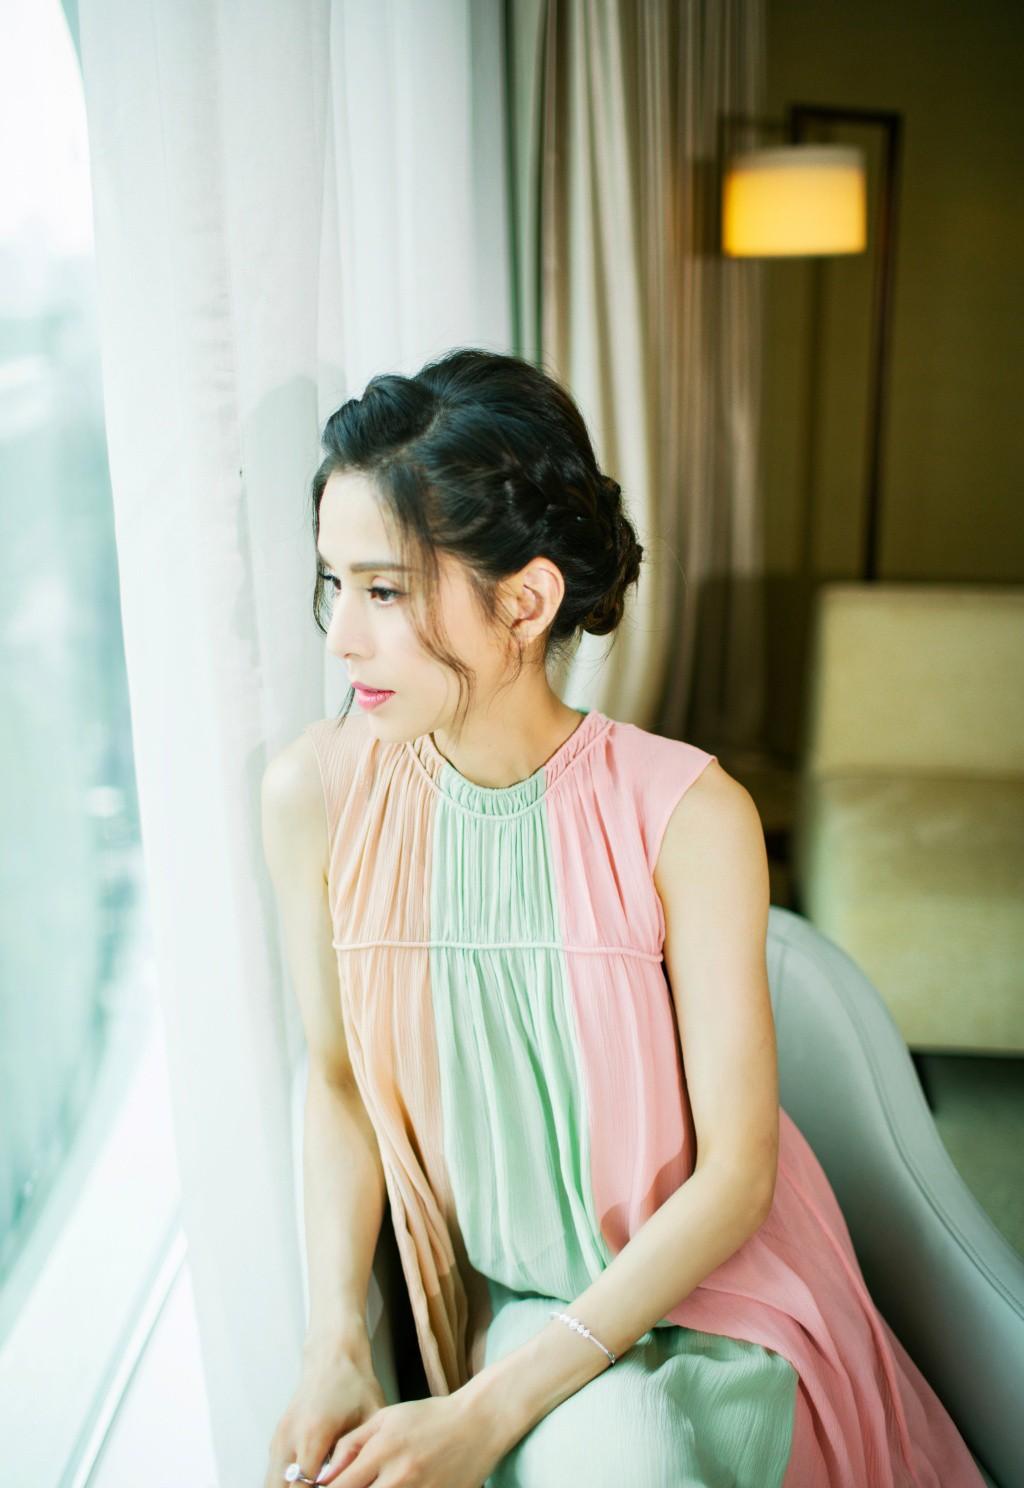 李若彤穿三色拼接裙冷若冰霜,让人十分惊艳迷倒了多少人,少女气质又减龄